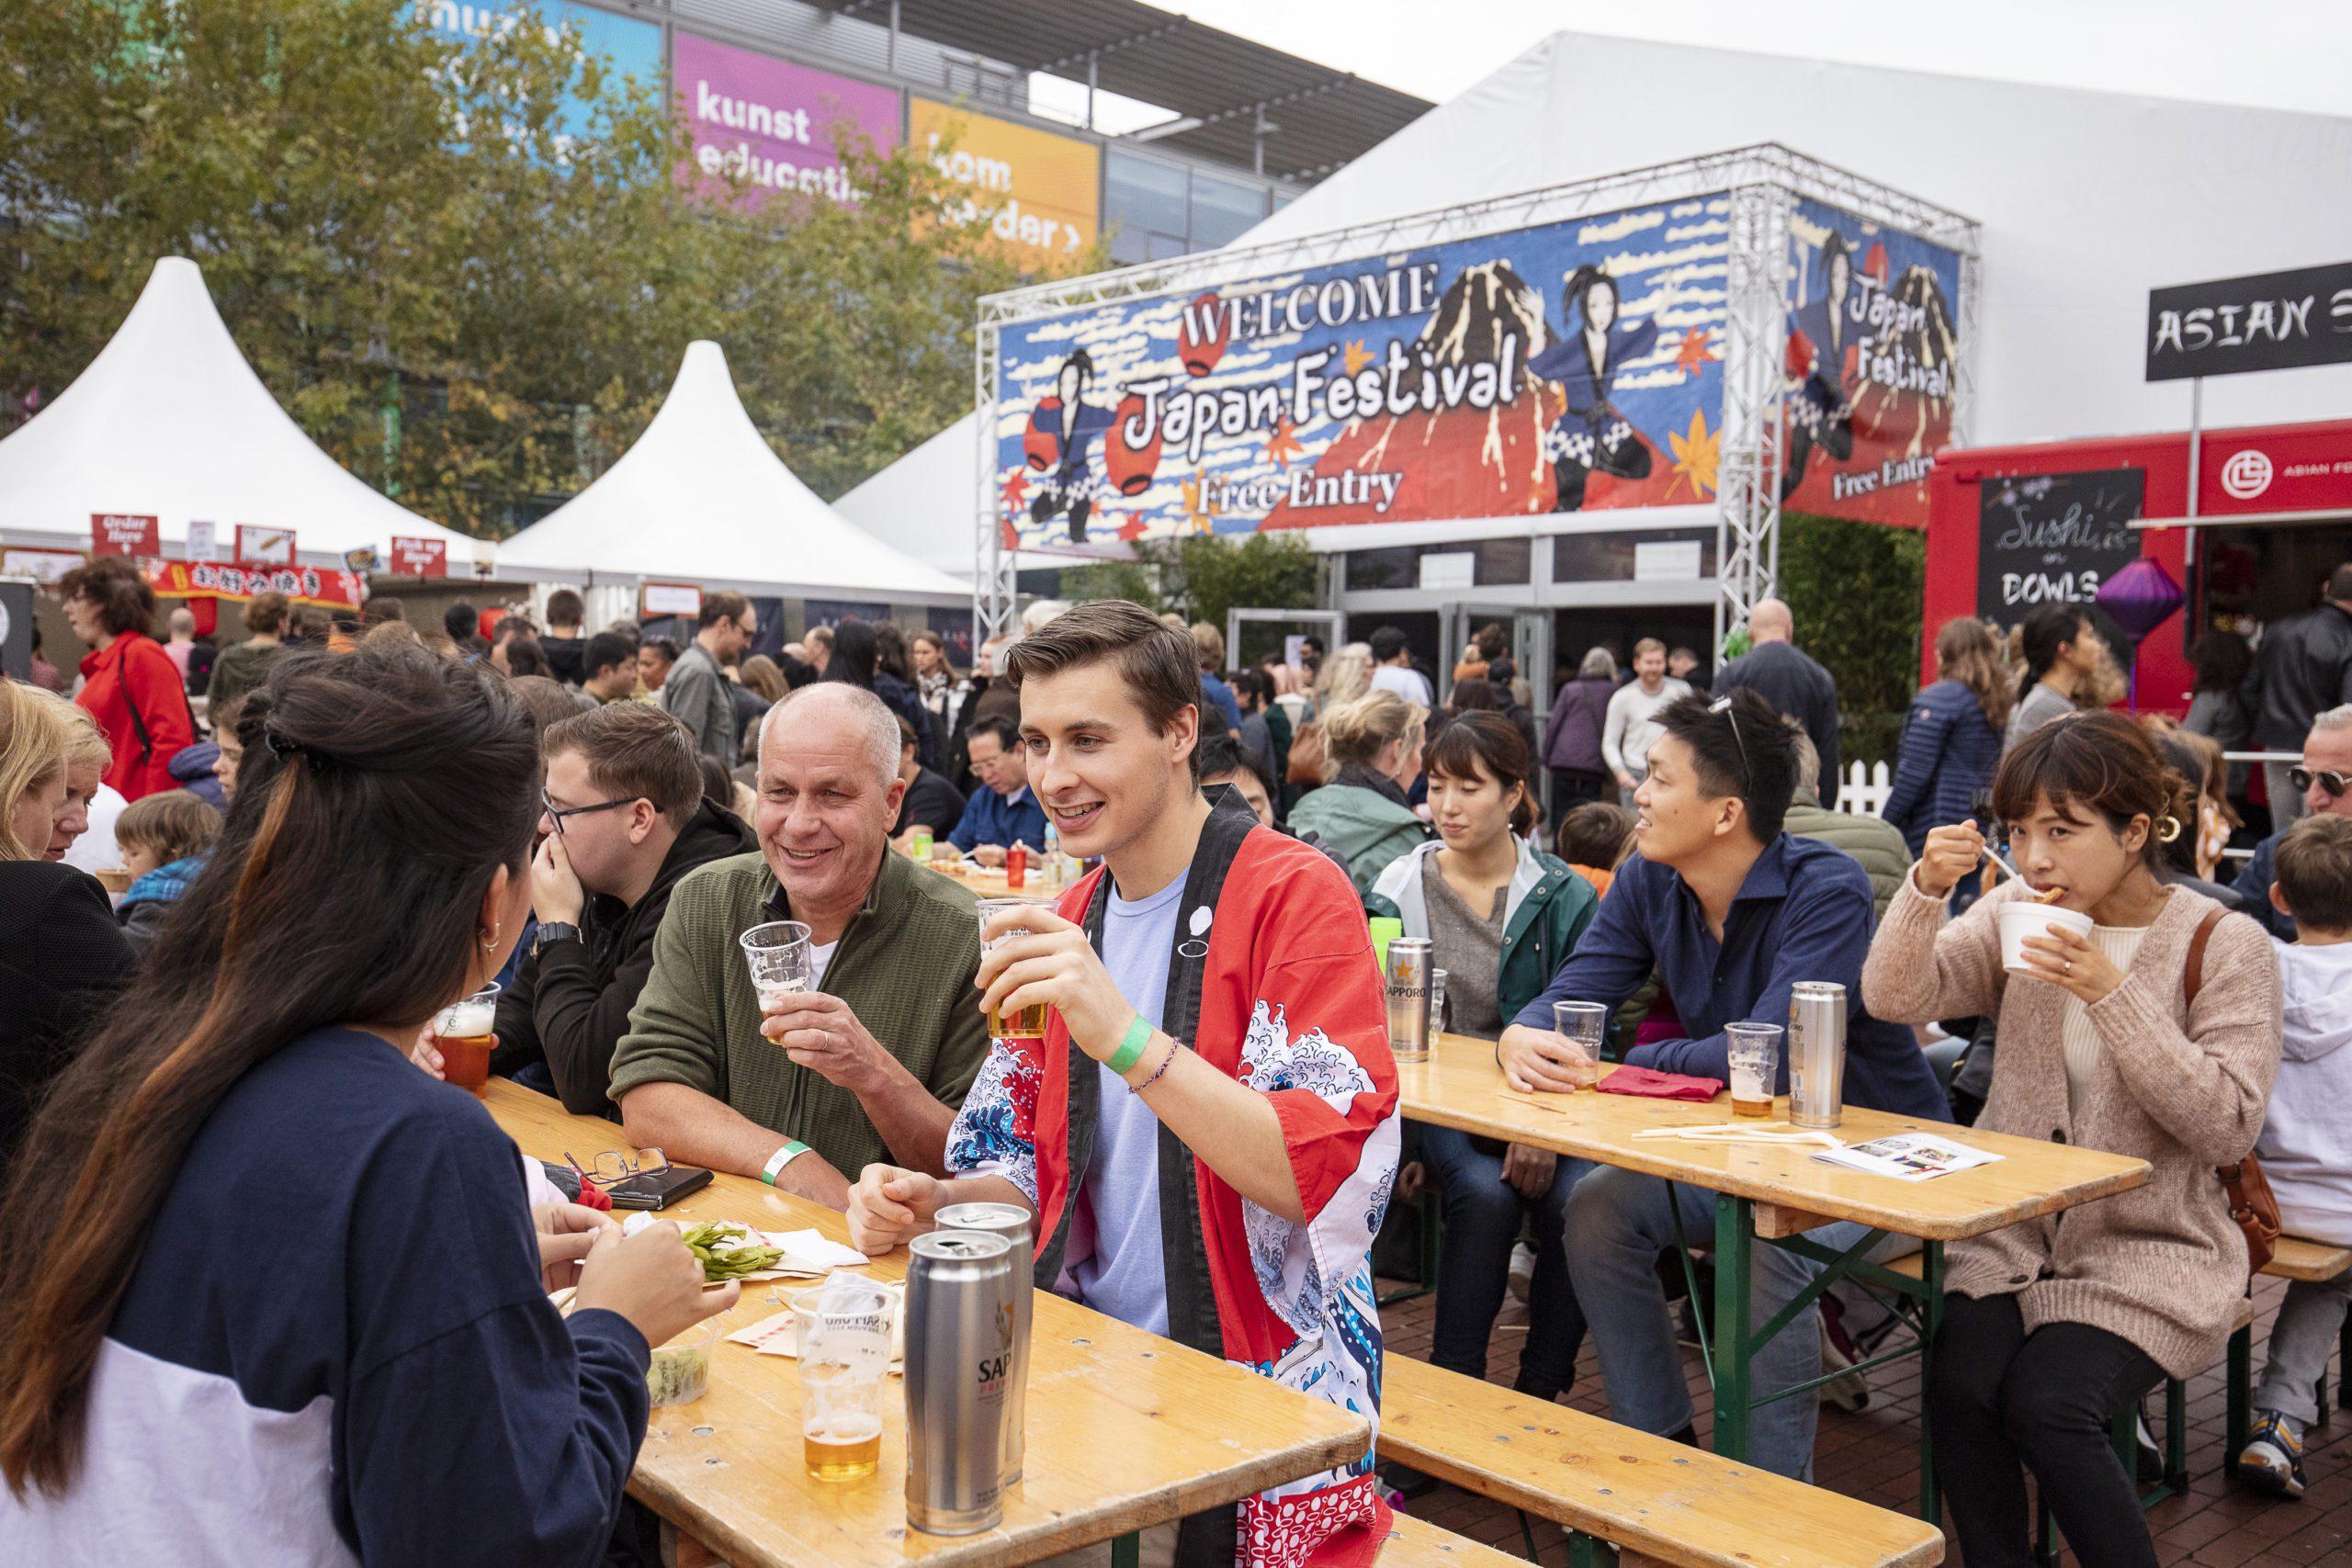 Japan Festival Amstelveen